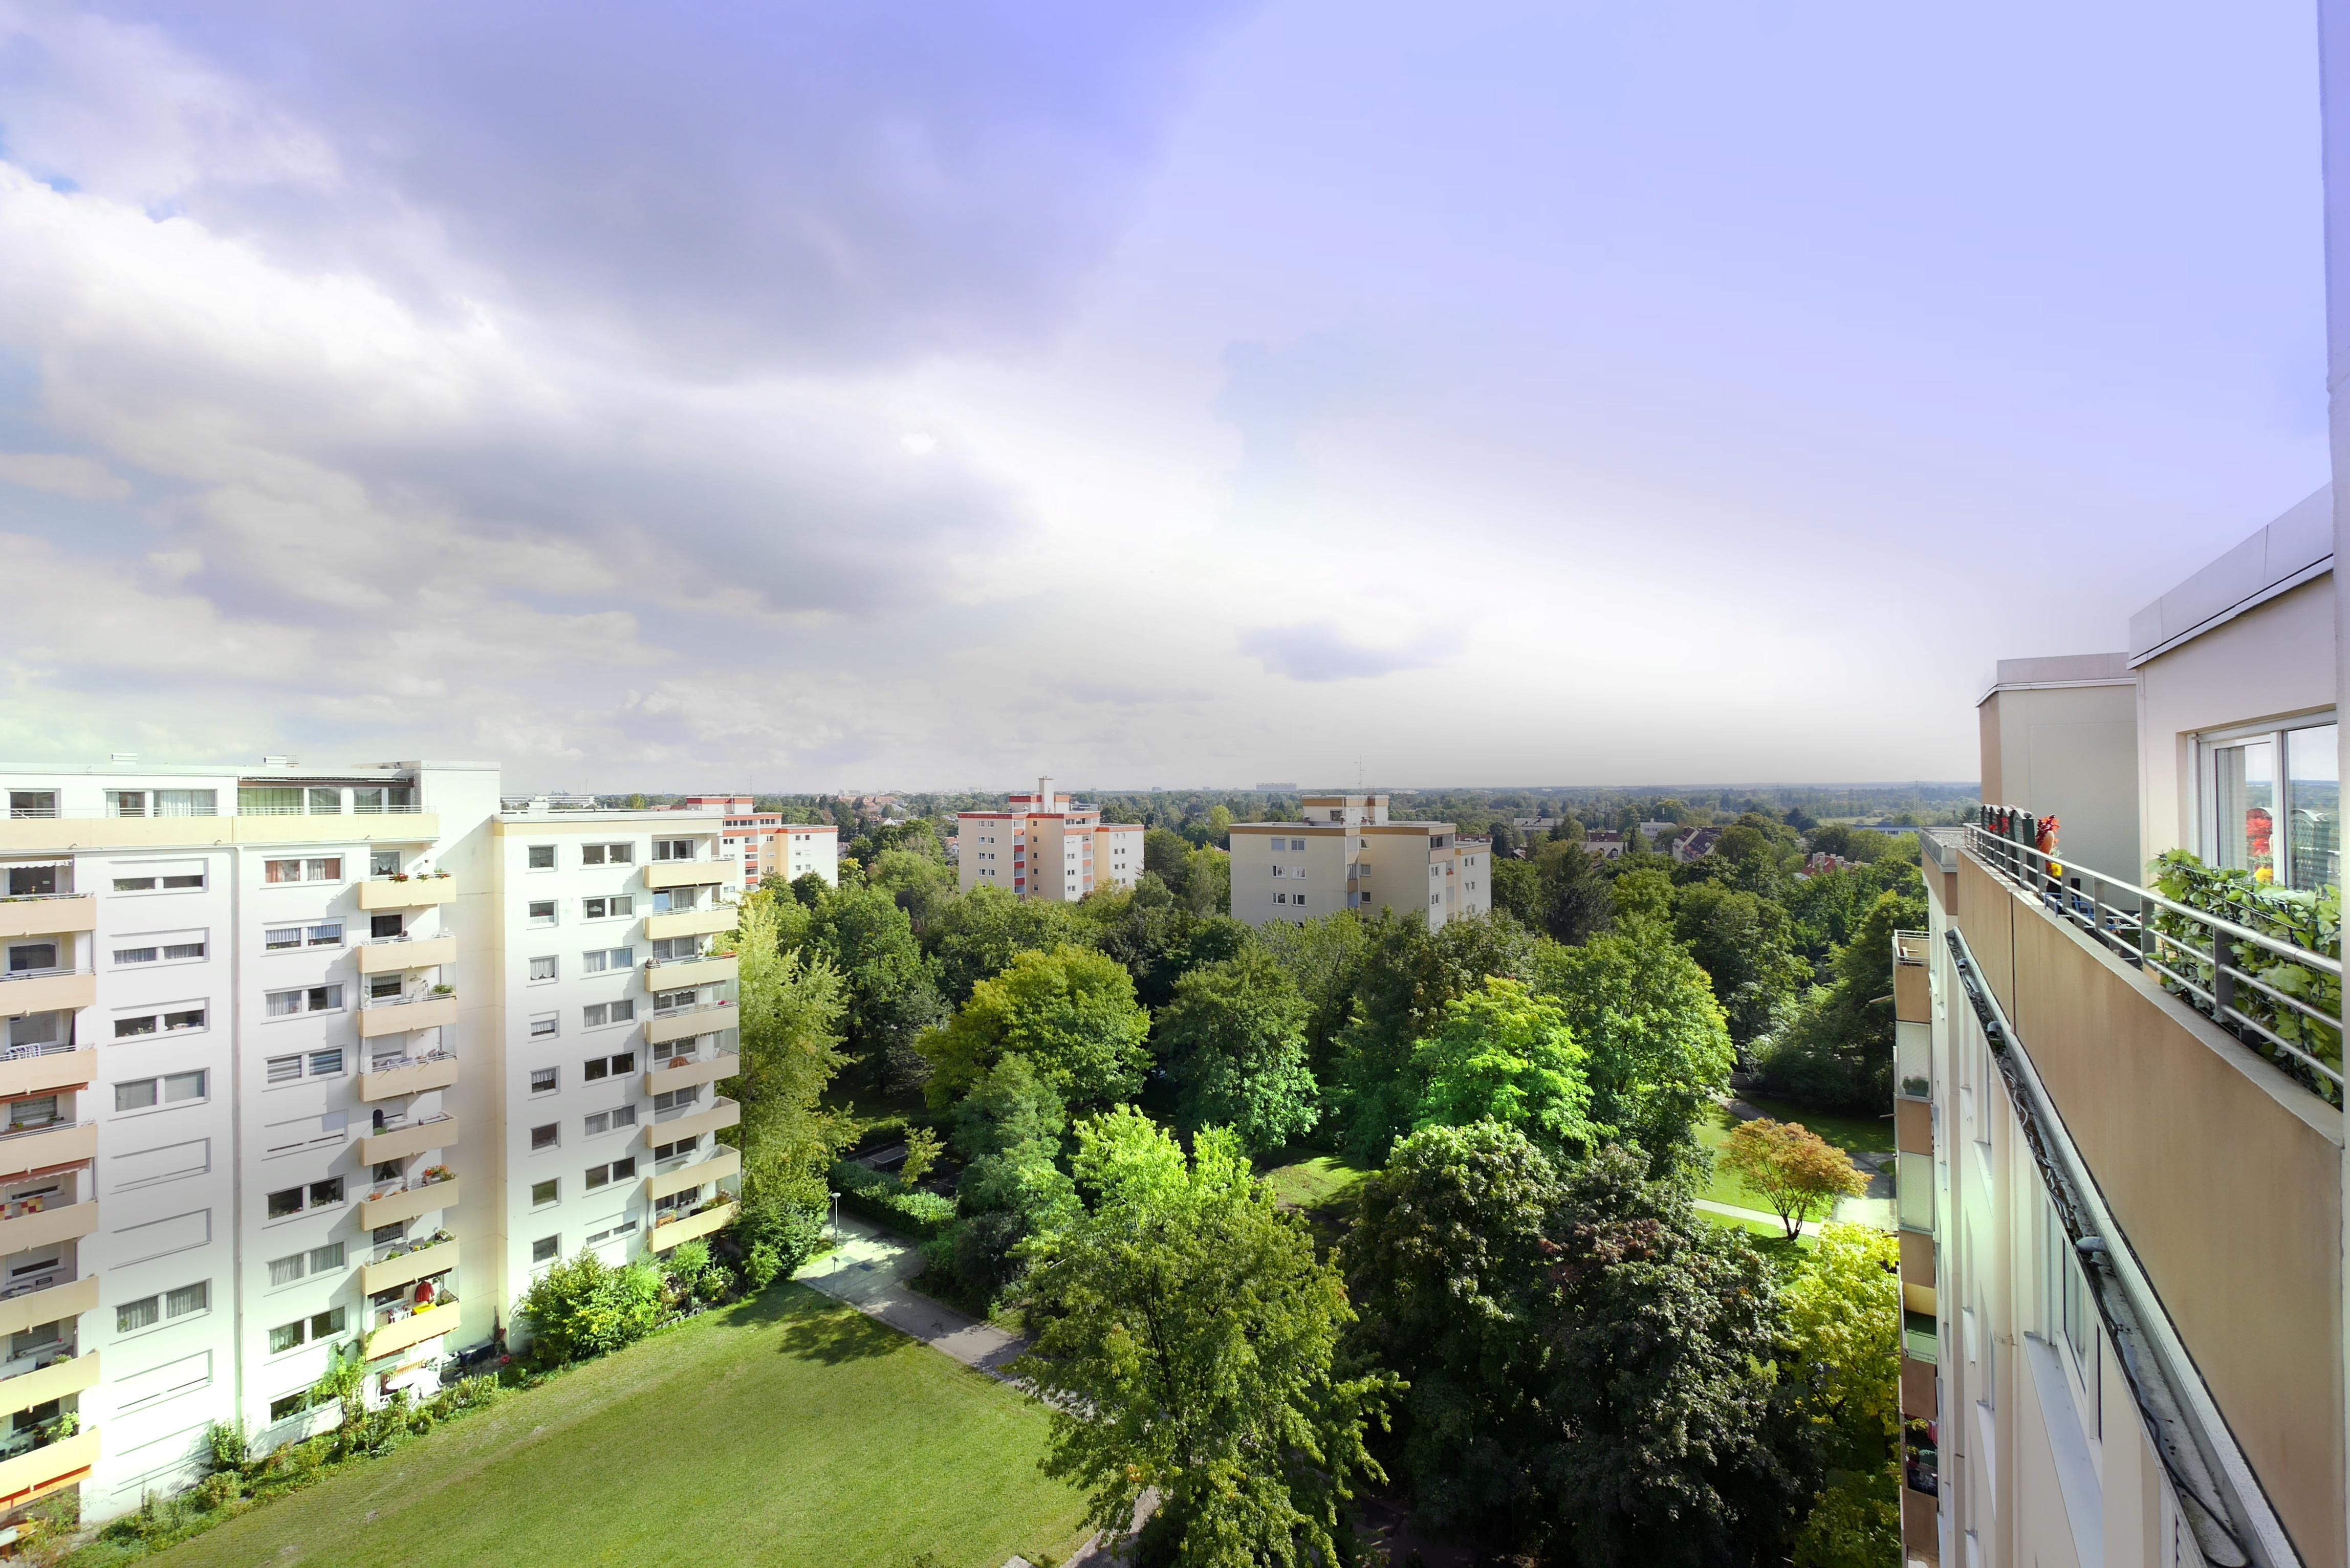 Zu Verkaufen: Attraktive Penthouse Wohnung mit 2 Dachterrassen, Alpenblick & Swimmingpool in München West Pasing-Neuaubing: Blick ins Grüne von der Dachterrasse